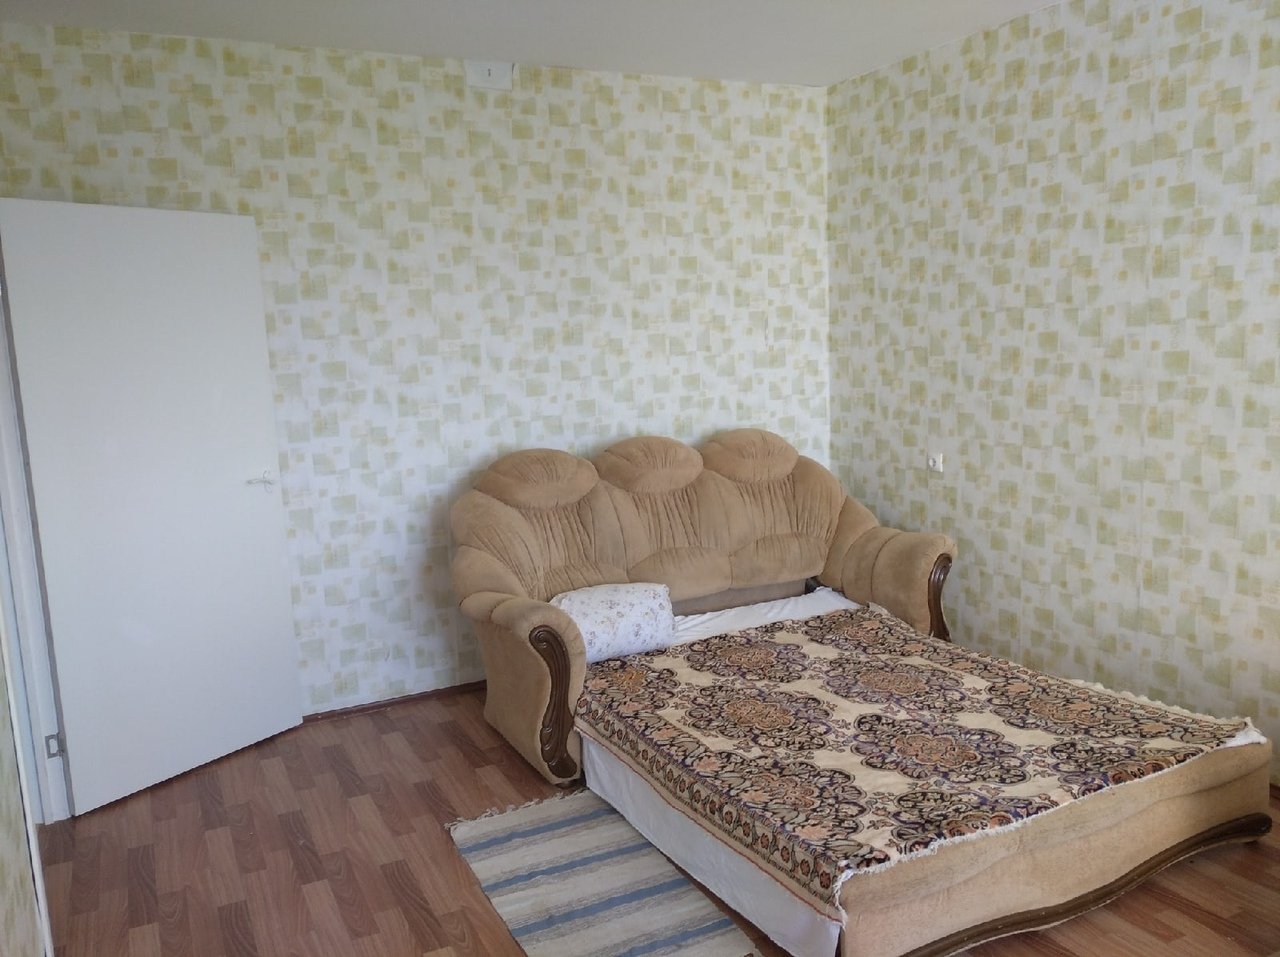 непроверенной пока долгосрочная аренда квартир в костроме с фото чистого желтого цвета